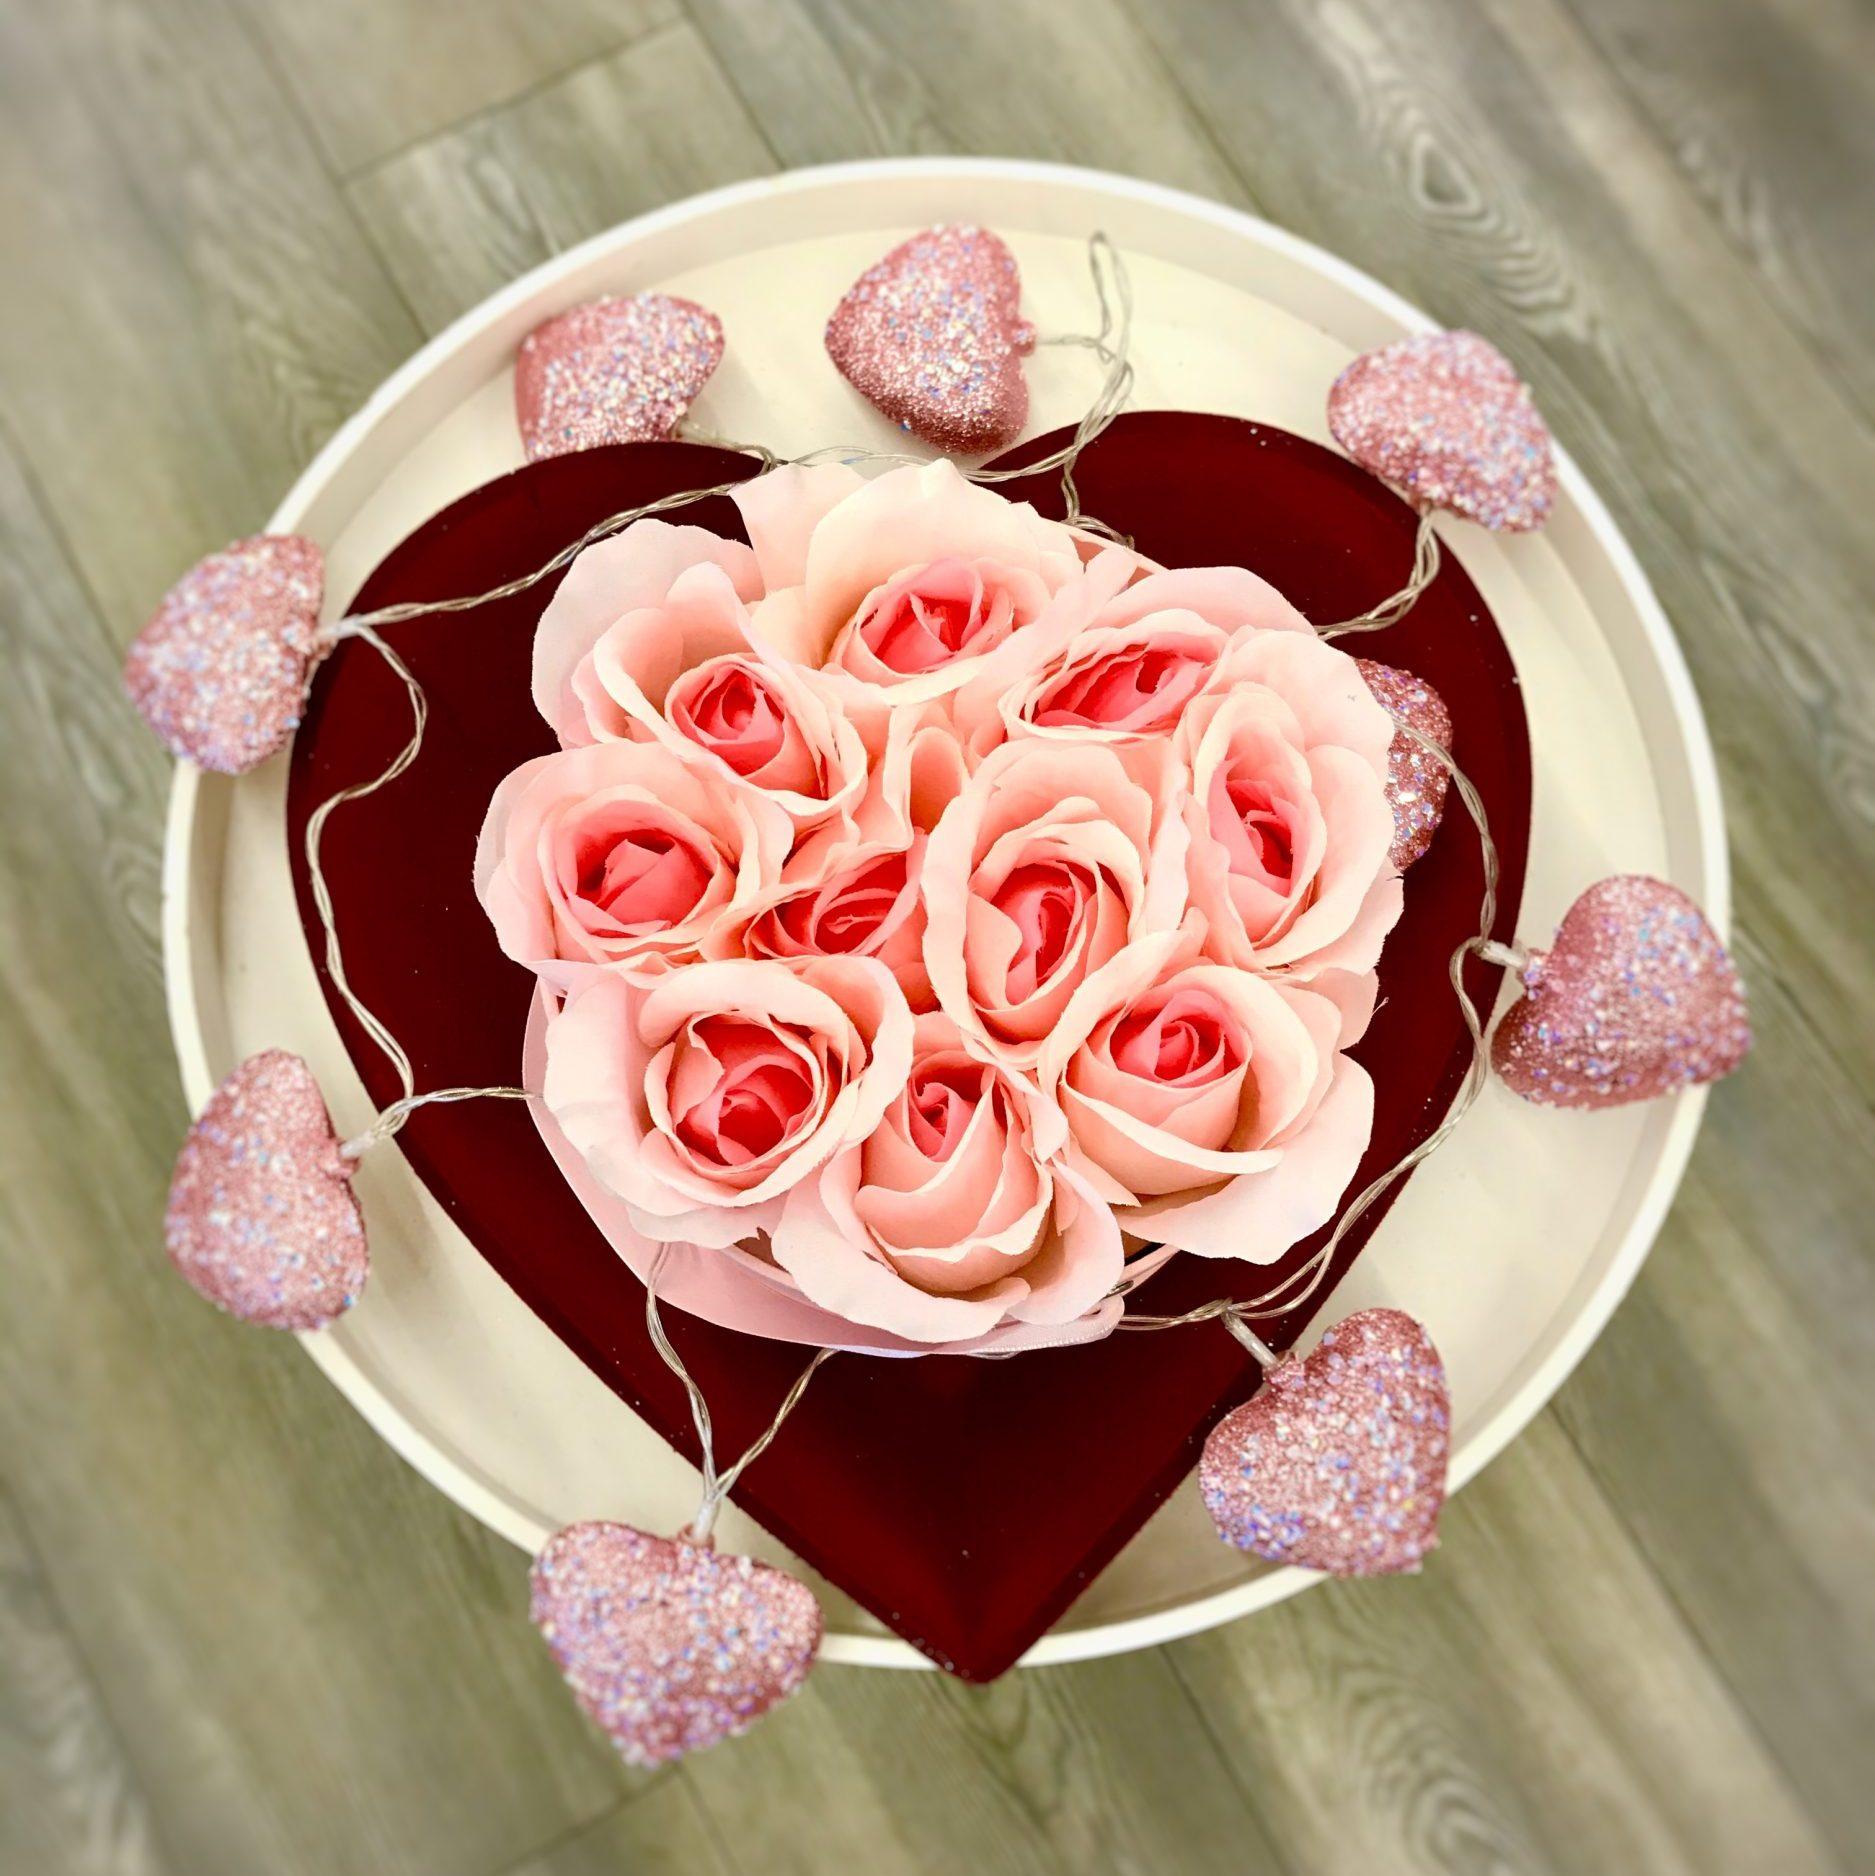 Geschenk-Idee für Valentinstag